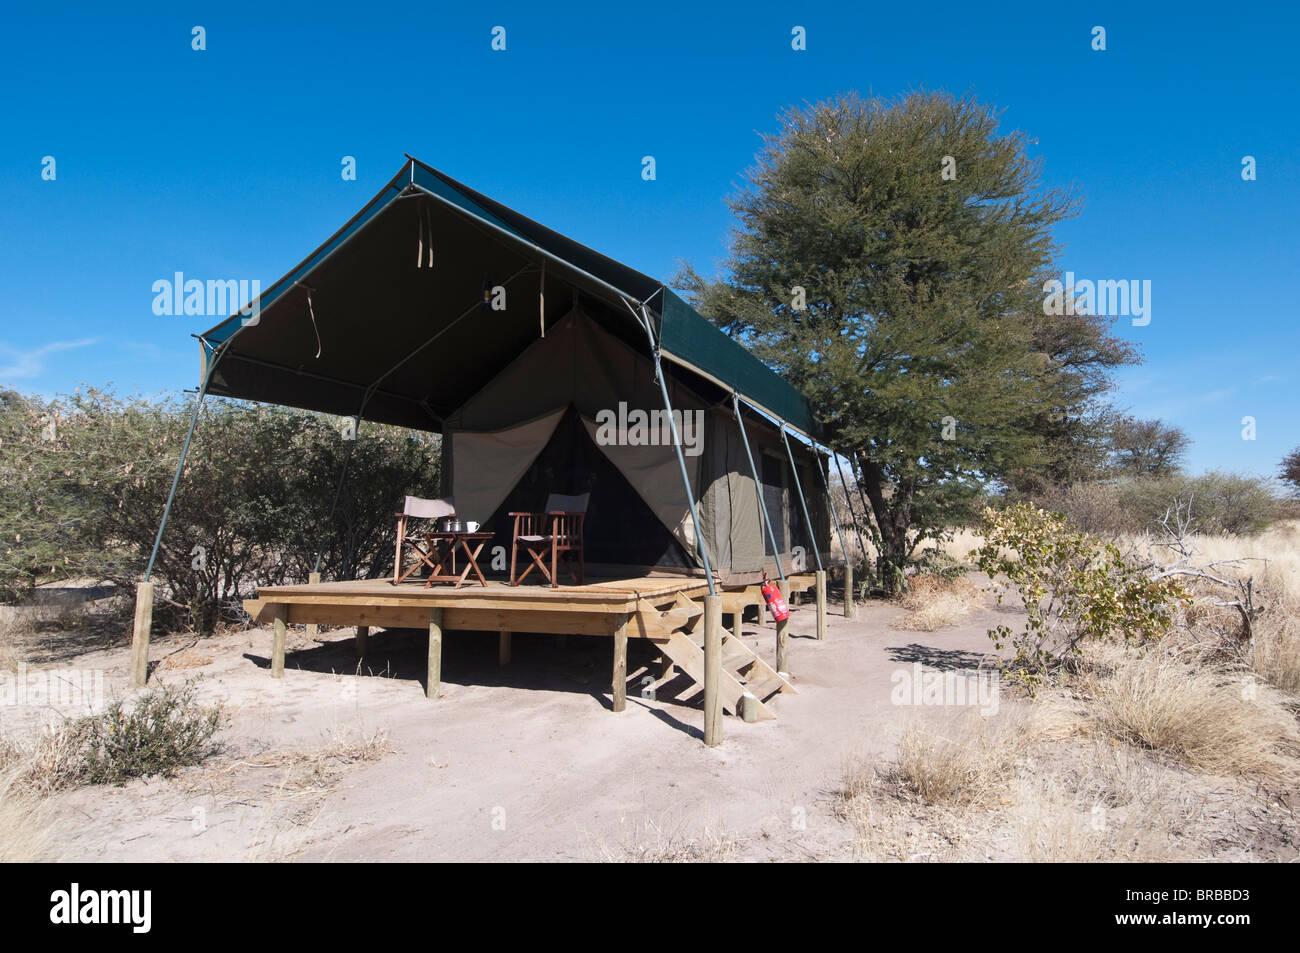 Kalahari Plains Camp, Deception Valley, Central Kalahari Game Reserve, Botswana - Stock Image